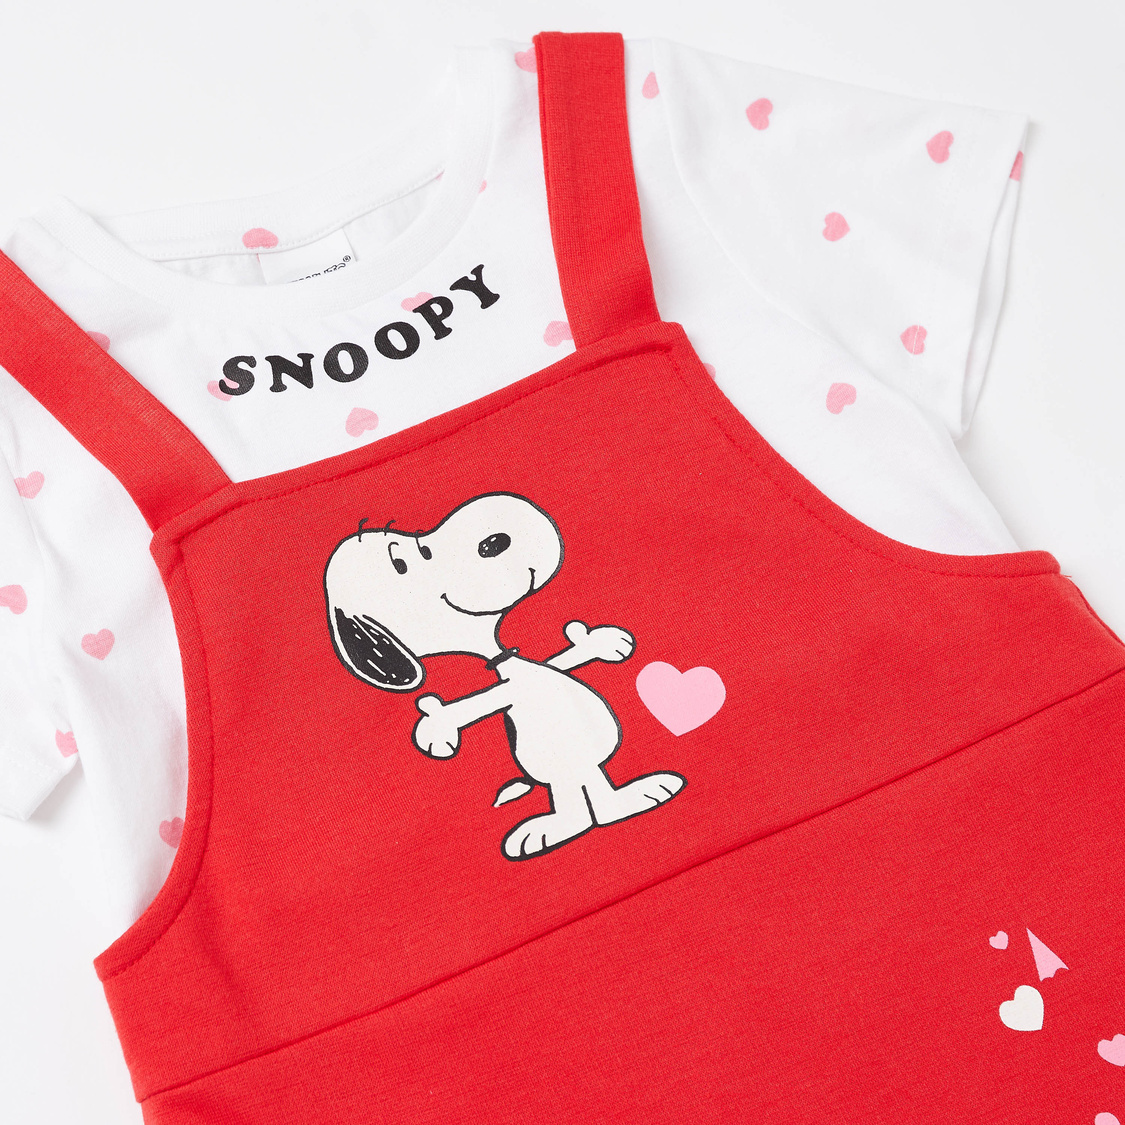 Snoopy Print T-shirt and Pinafore Set